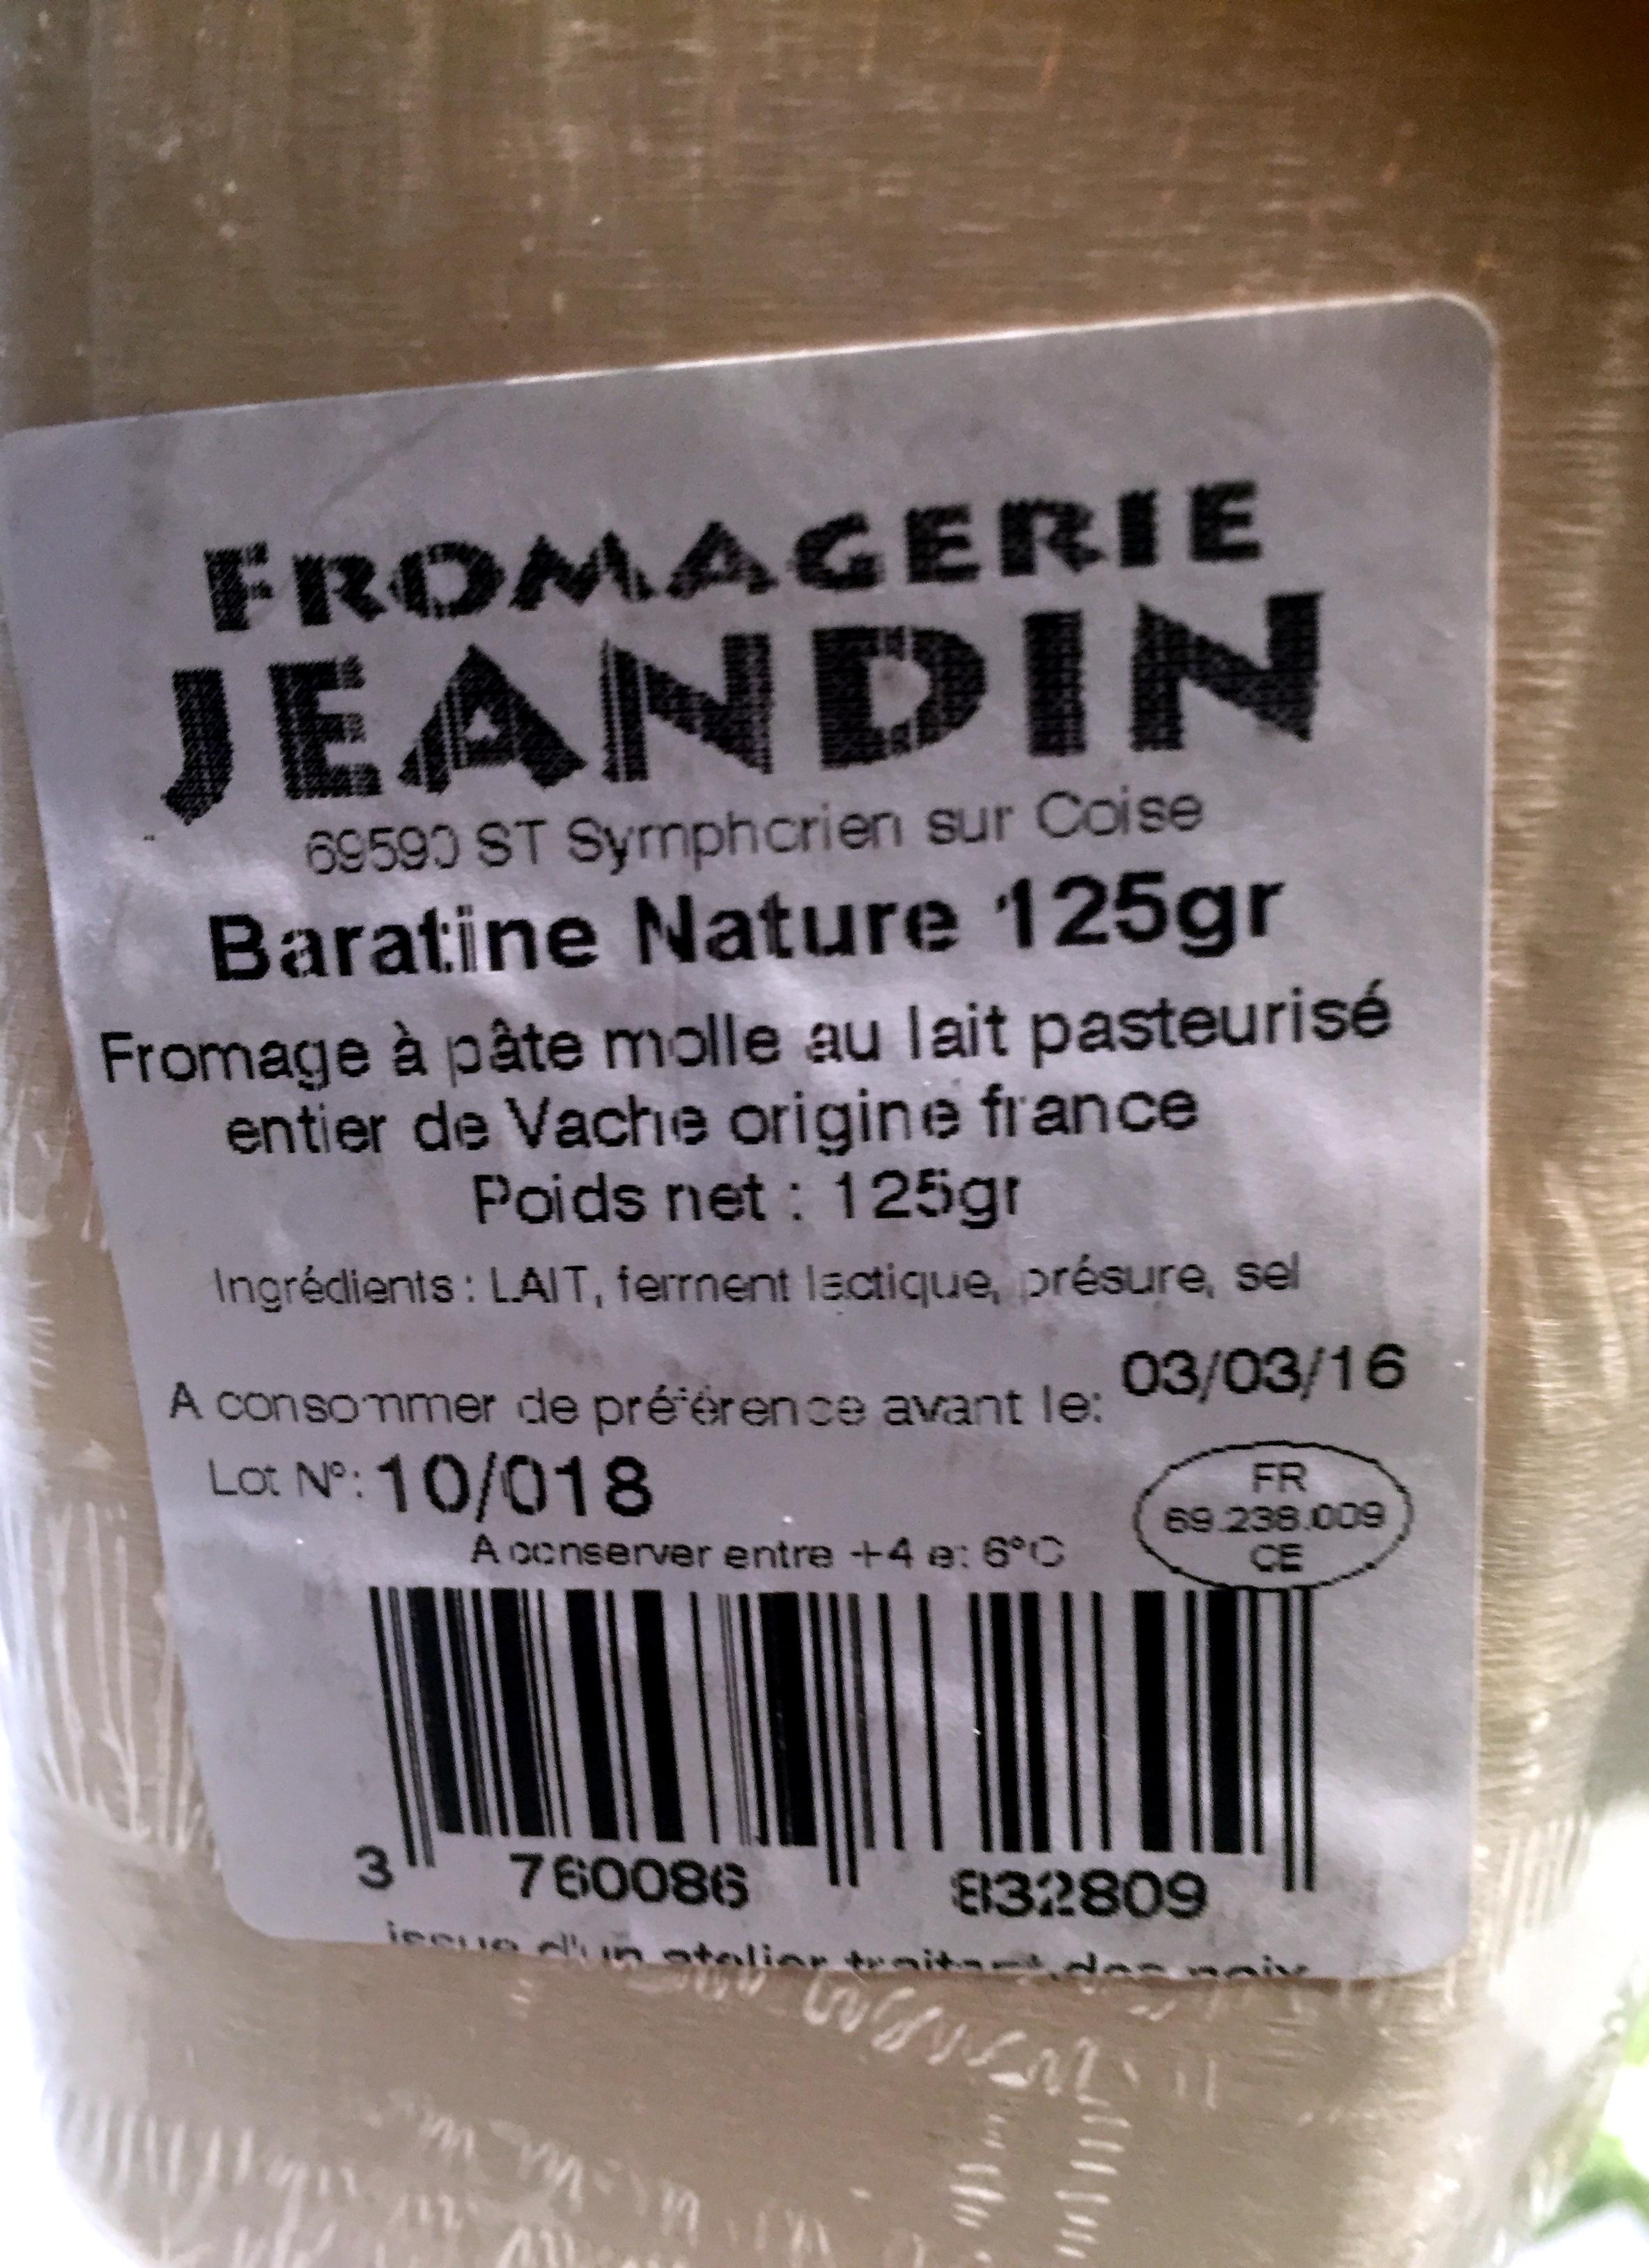 baratine nature - Product - fr